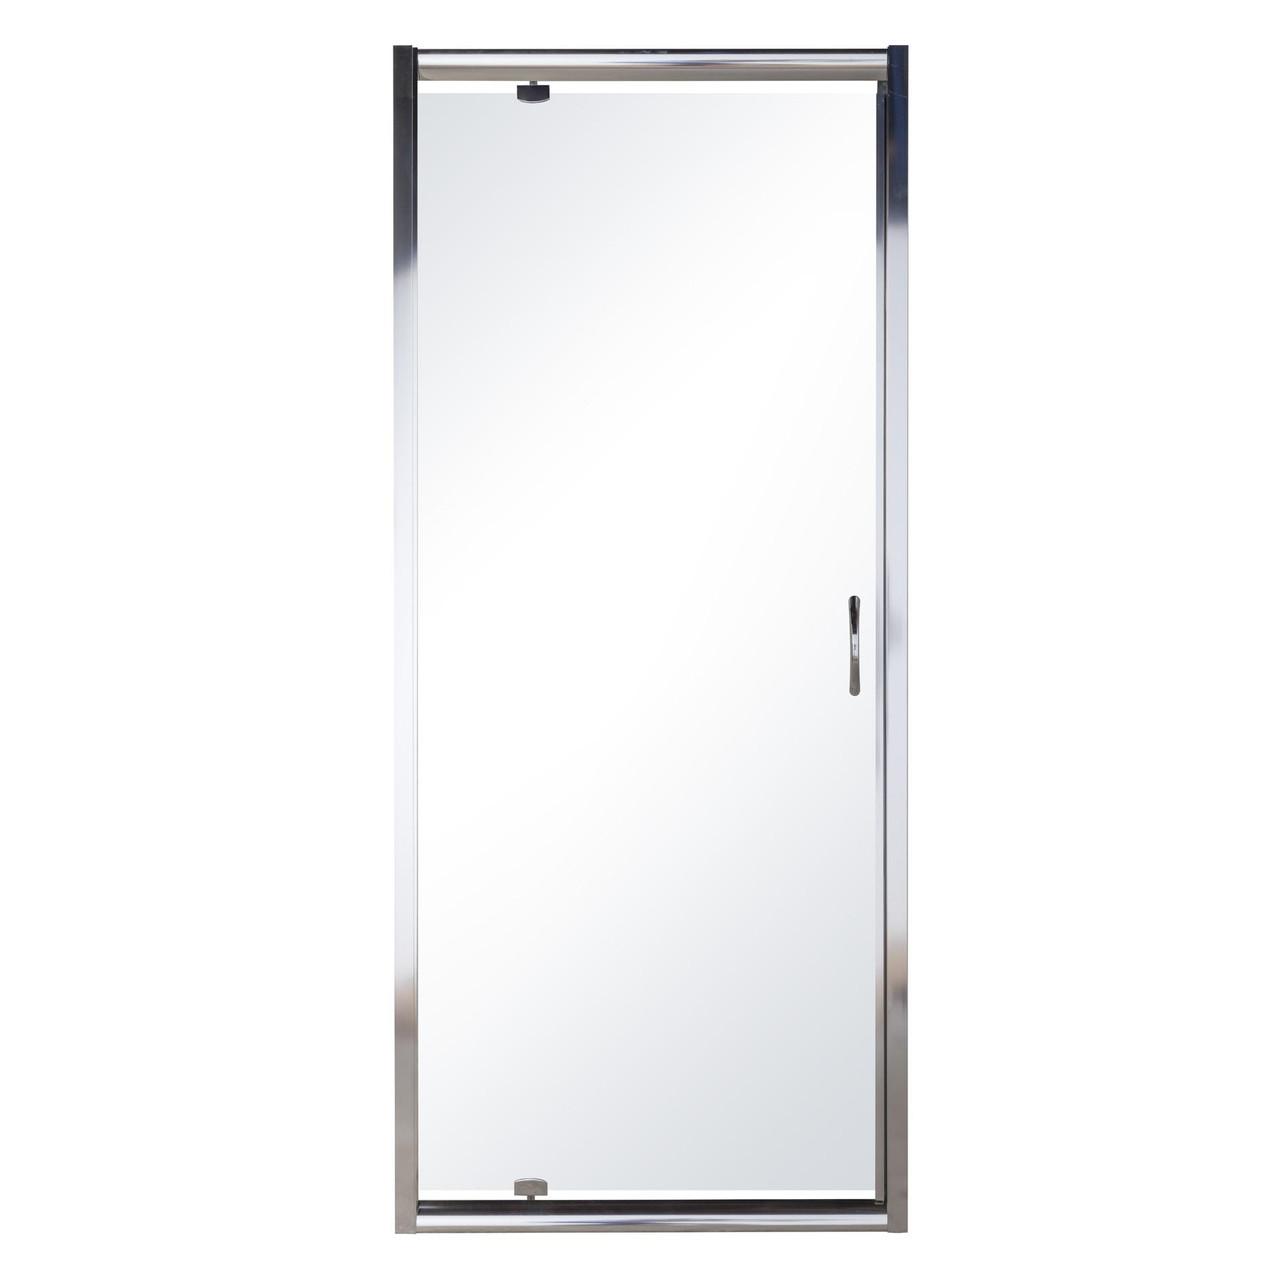 Дверь в нишу распашная 90*185 хром прозрачная EGER 599-150-90